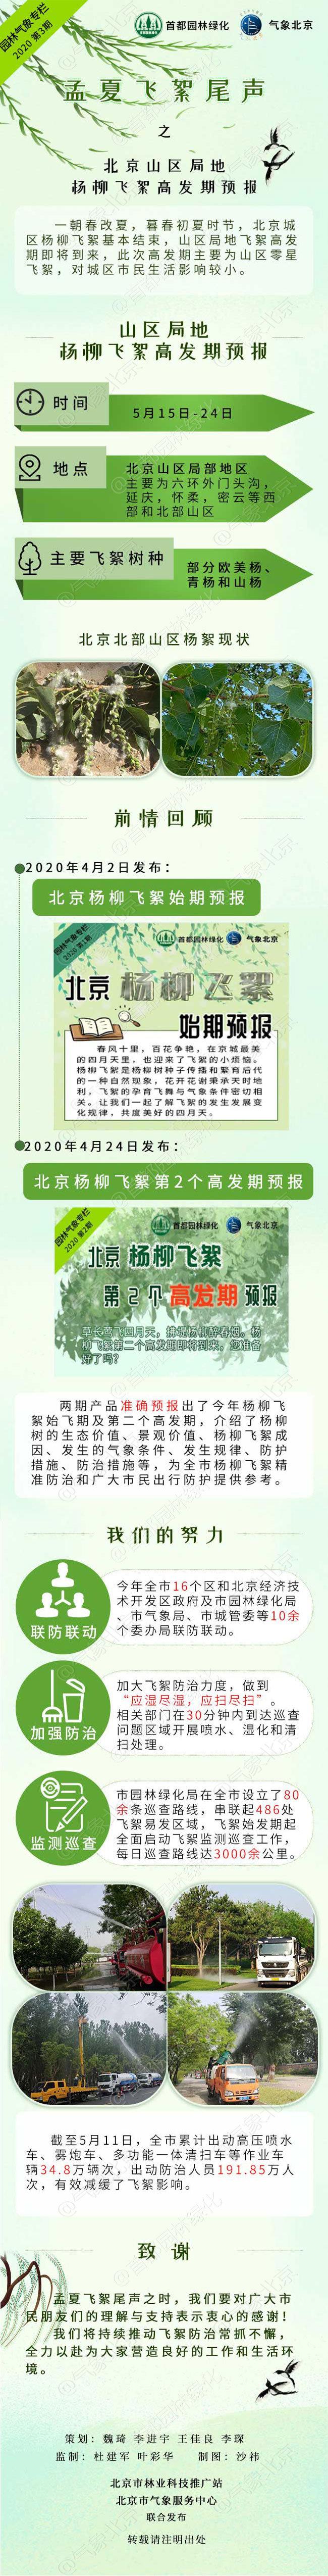 北京城区杨柳飞絮基本结束,山区15日进入高发期图片